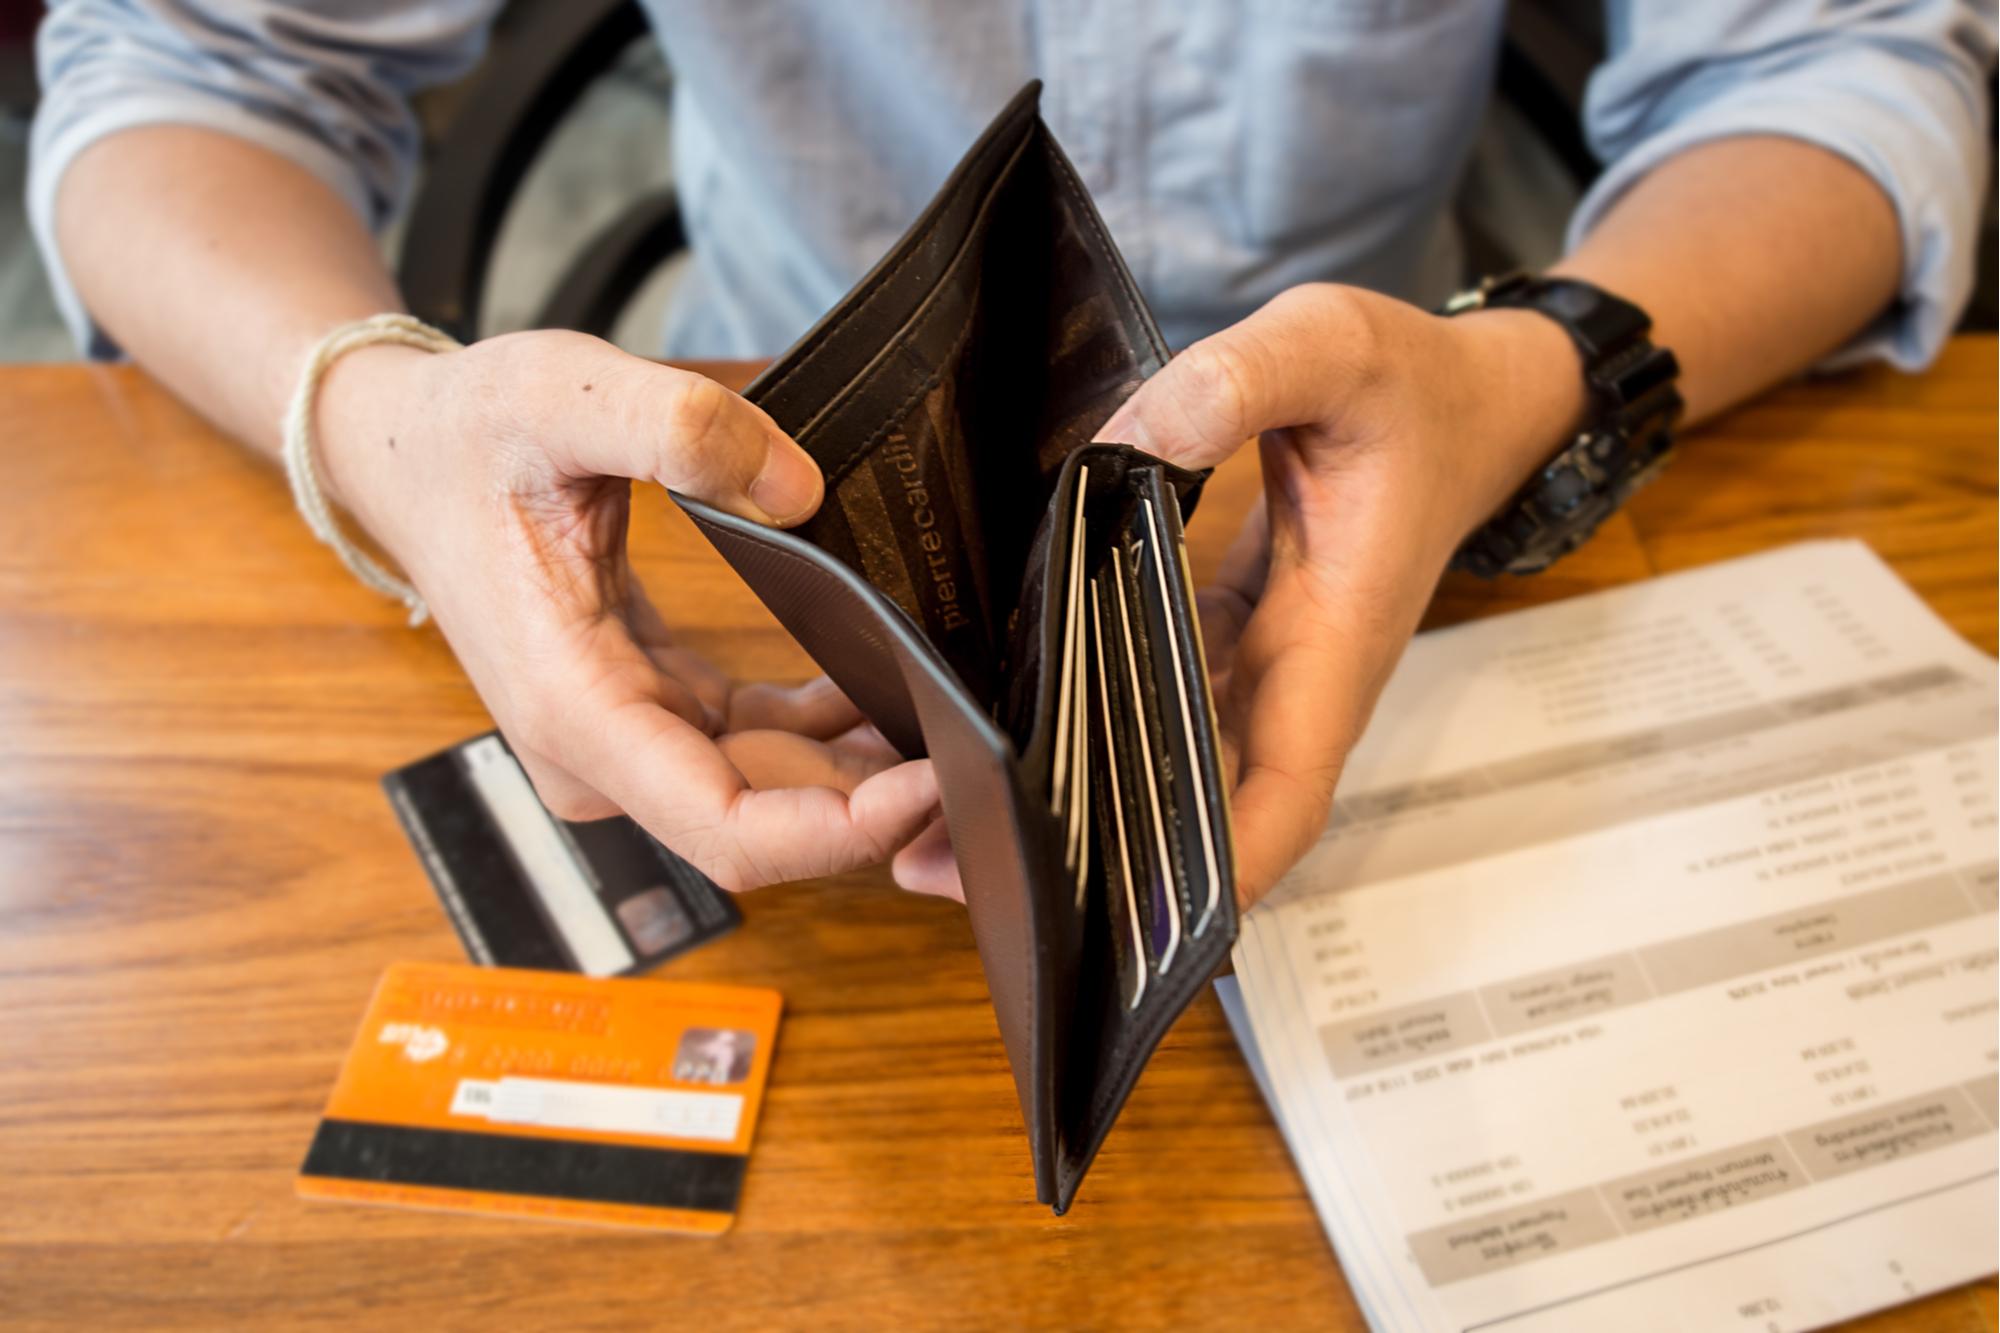 мтбанк кредиты на потребительские нужды без справок